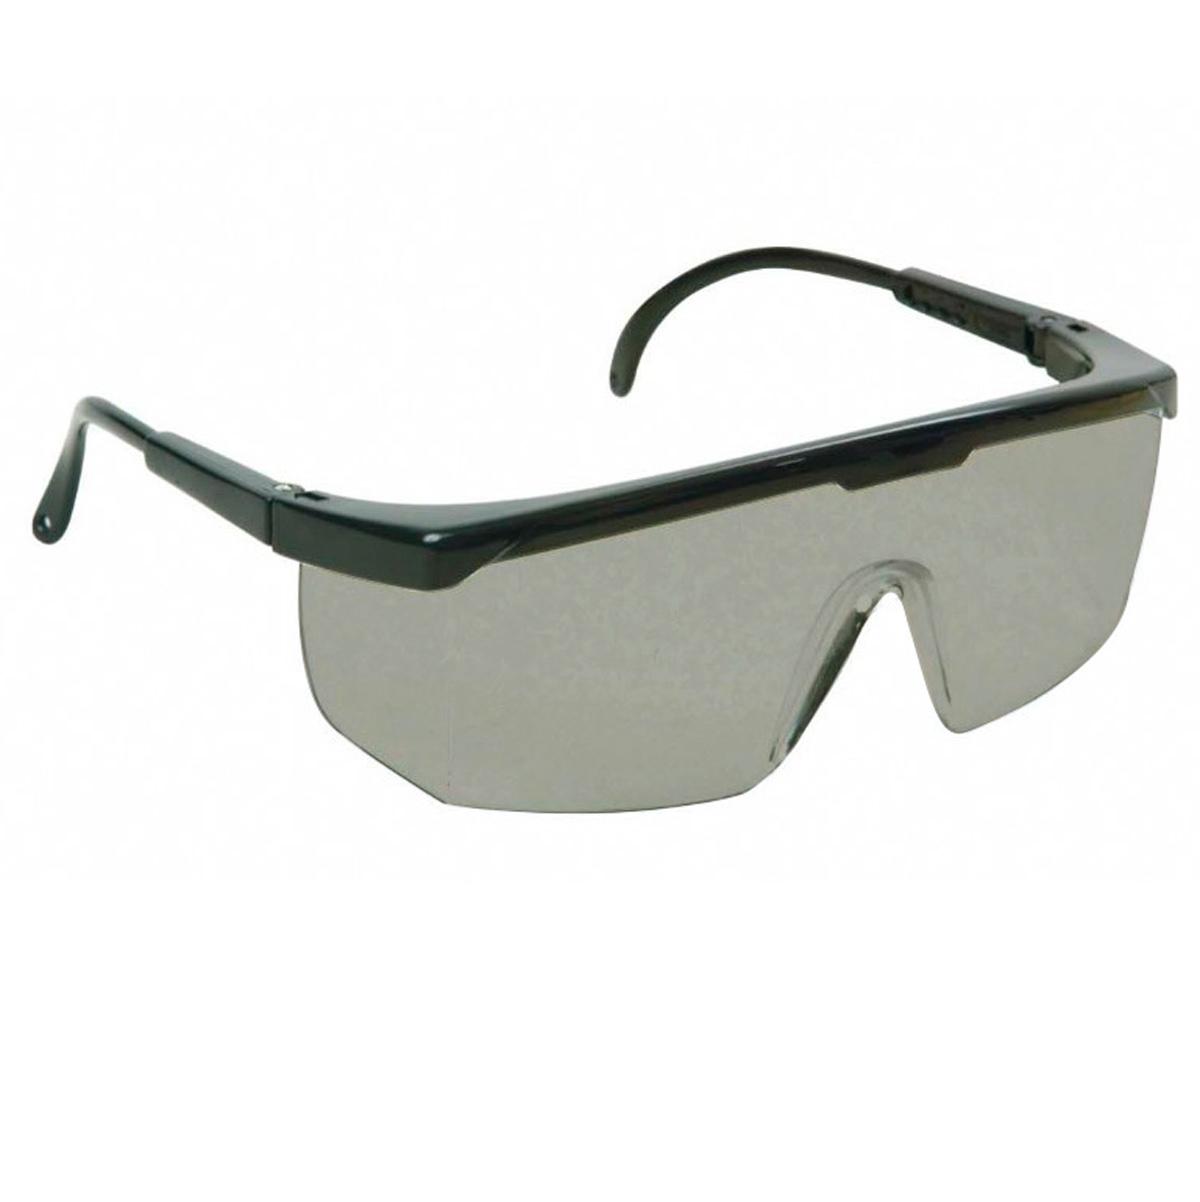 82f19a5f8335b Óculos de Proteção Spectra 2000 Cinza Carbografite